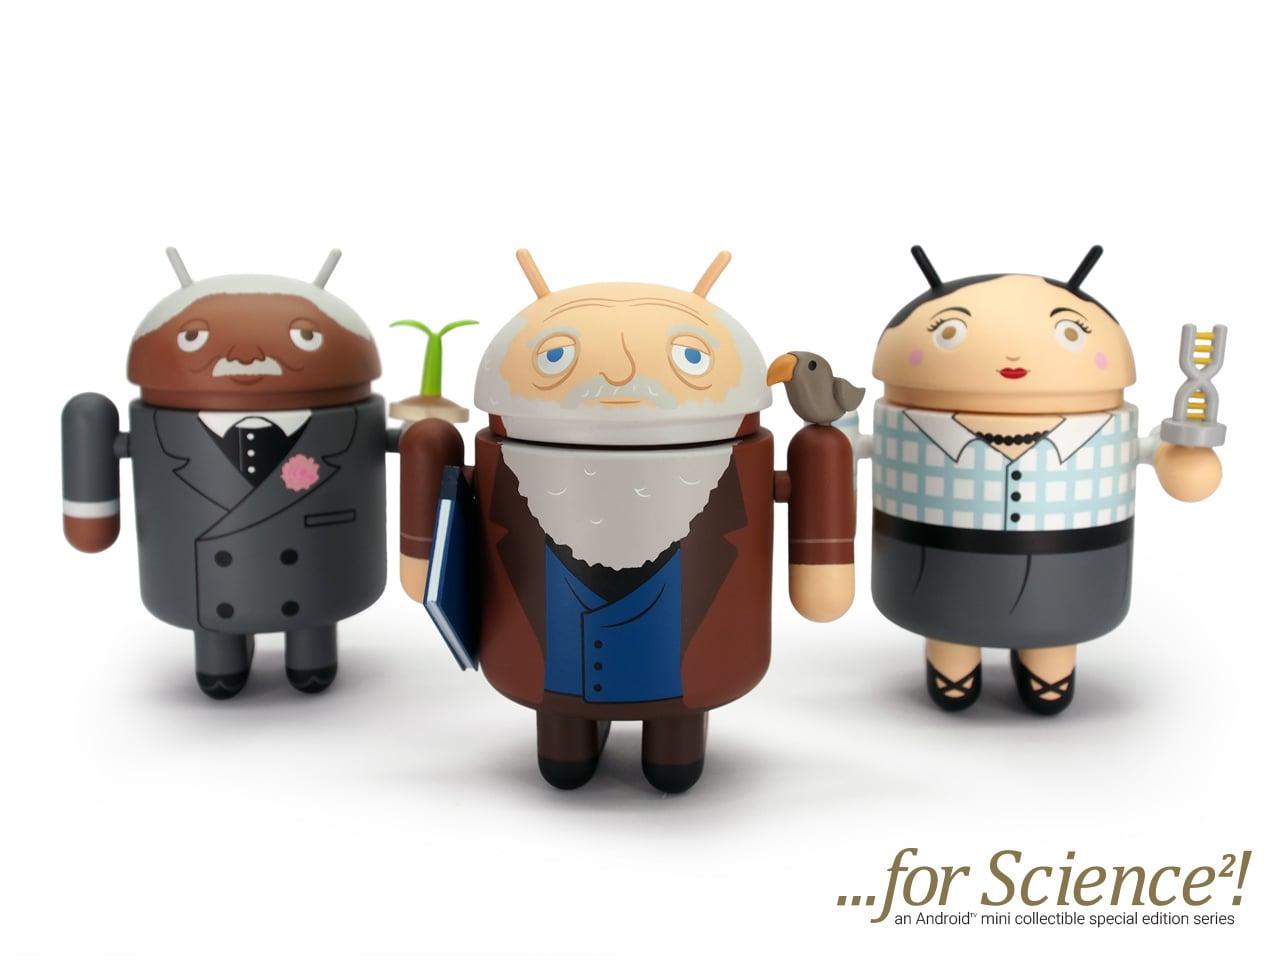 Dead Zebra aggiunge tre nuovi personaggi alla serie dedicata agli scienziati (foto)